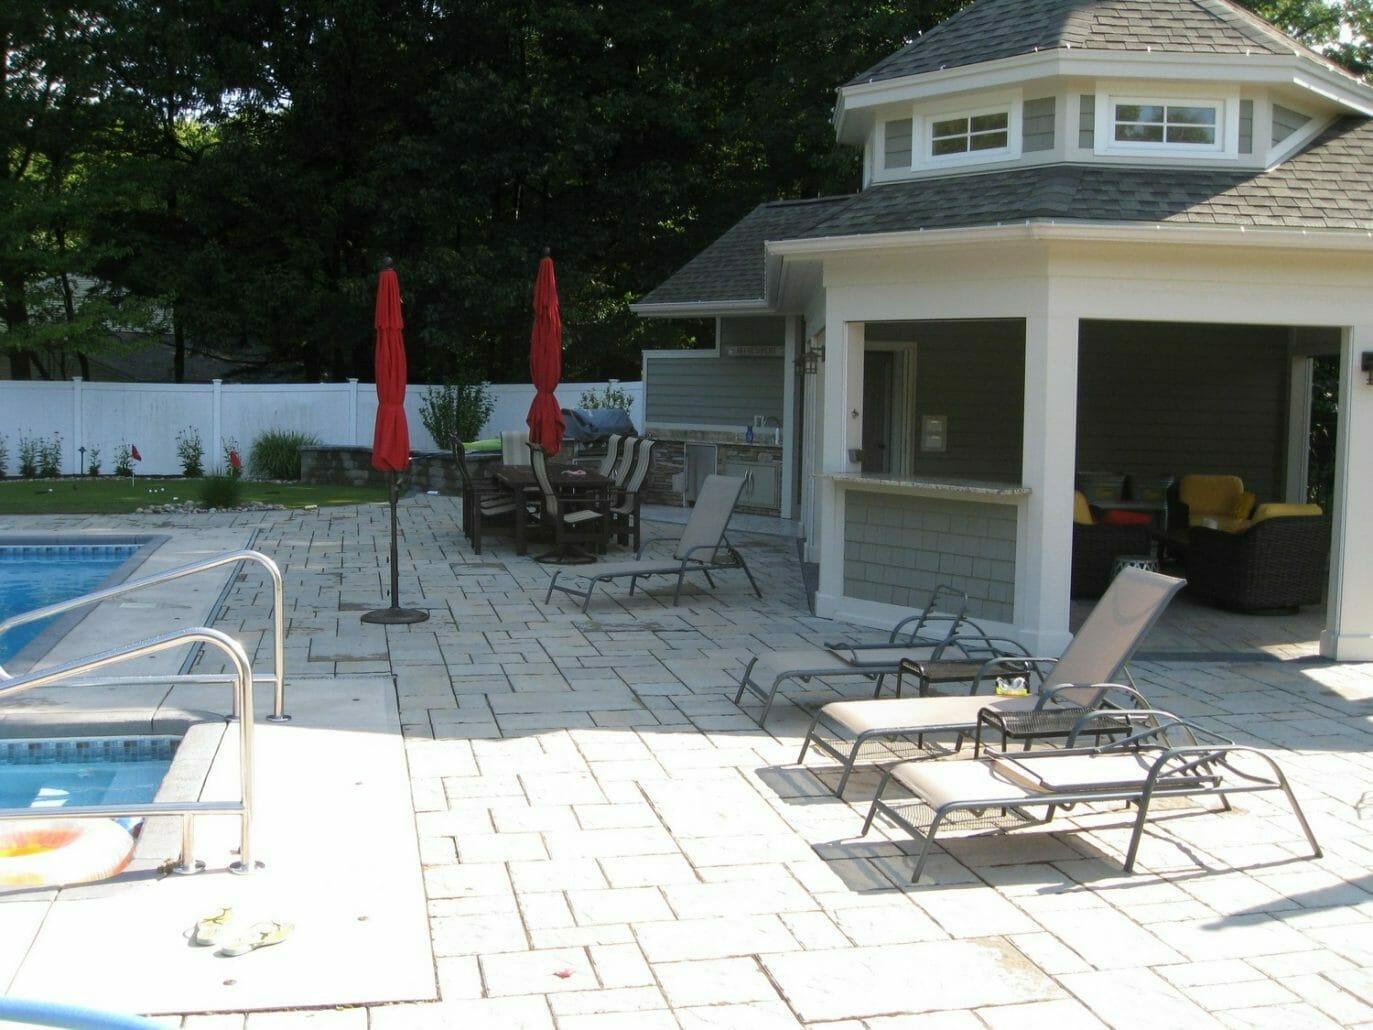 Pool landscape plan Latham, NY